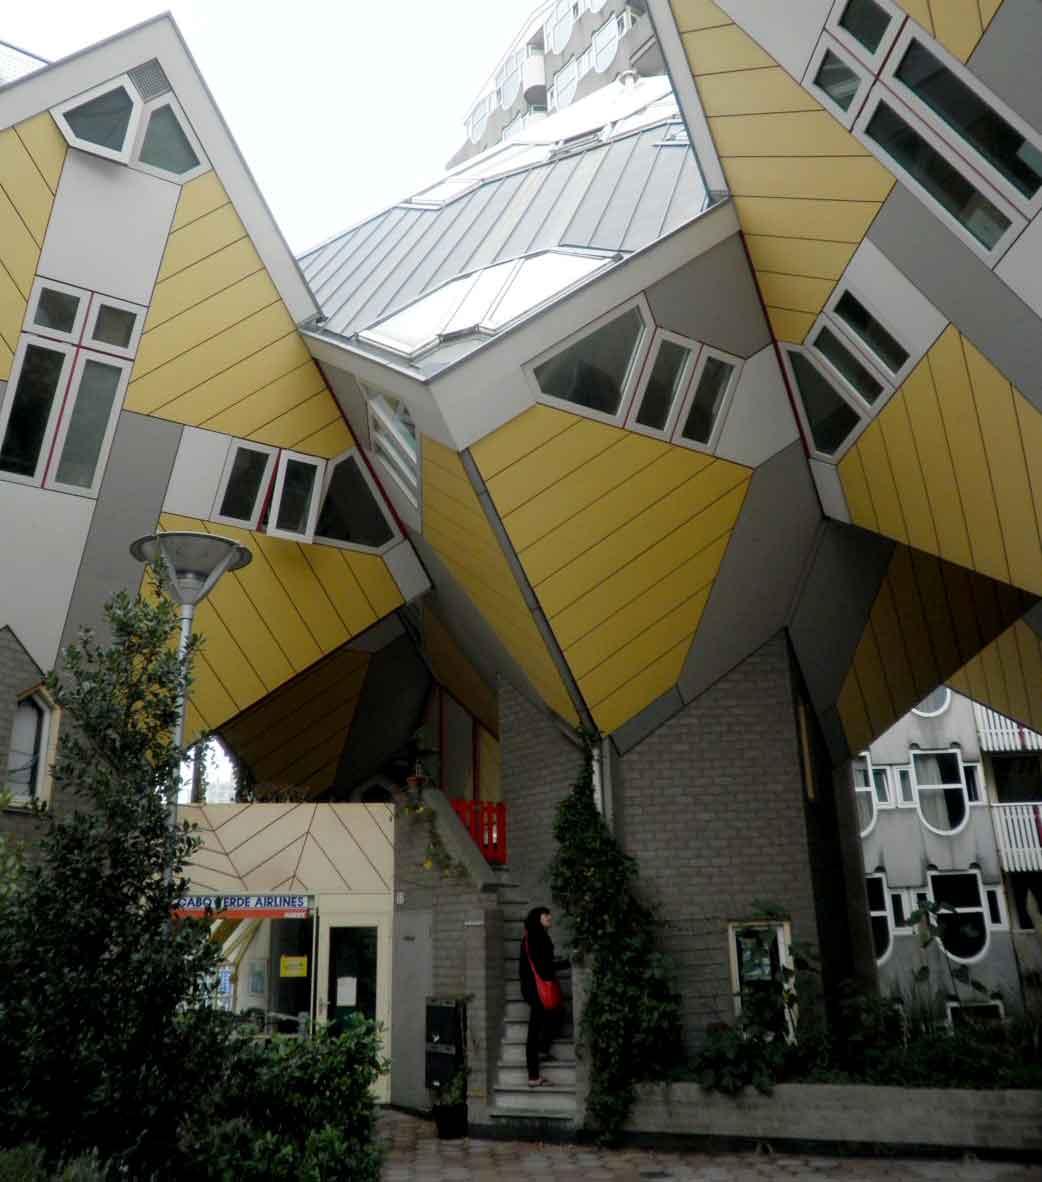 Rotterdam un itinerario a piedi di architettura for Architettura casa moderna